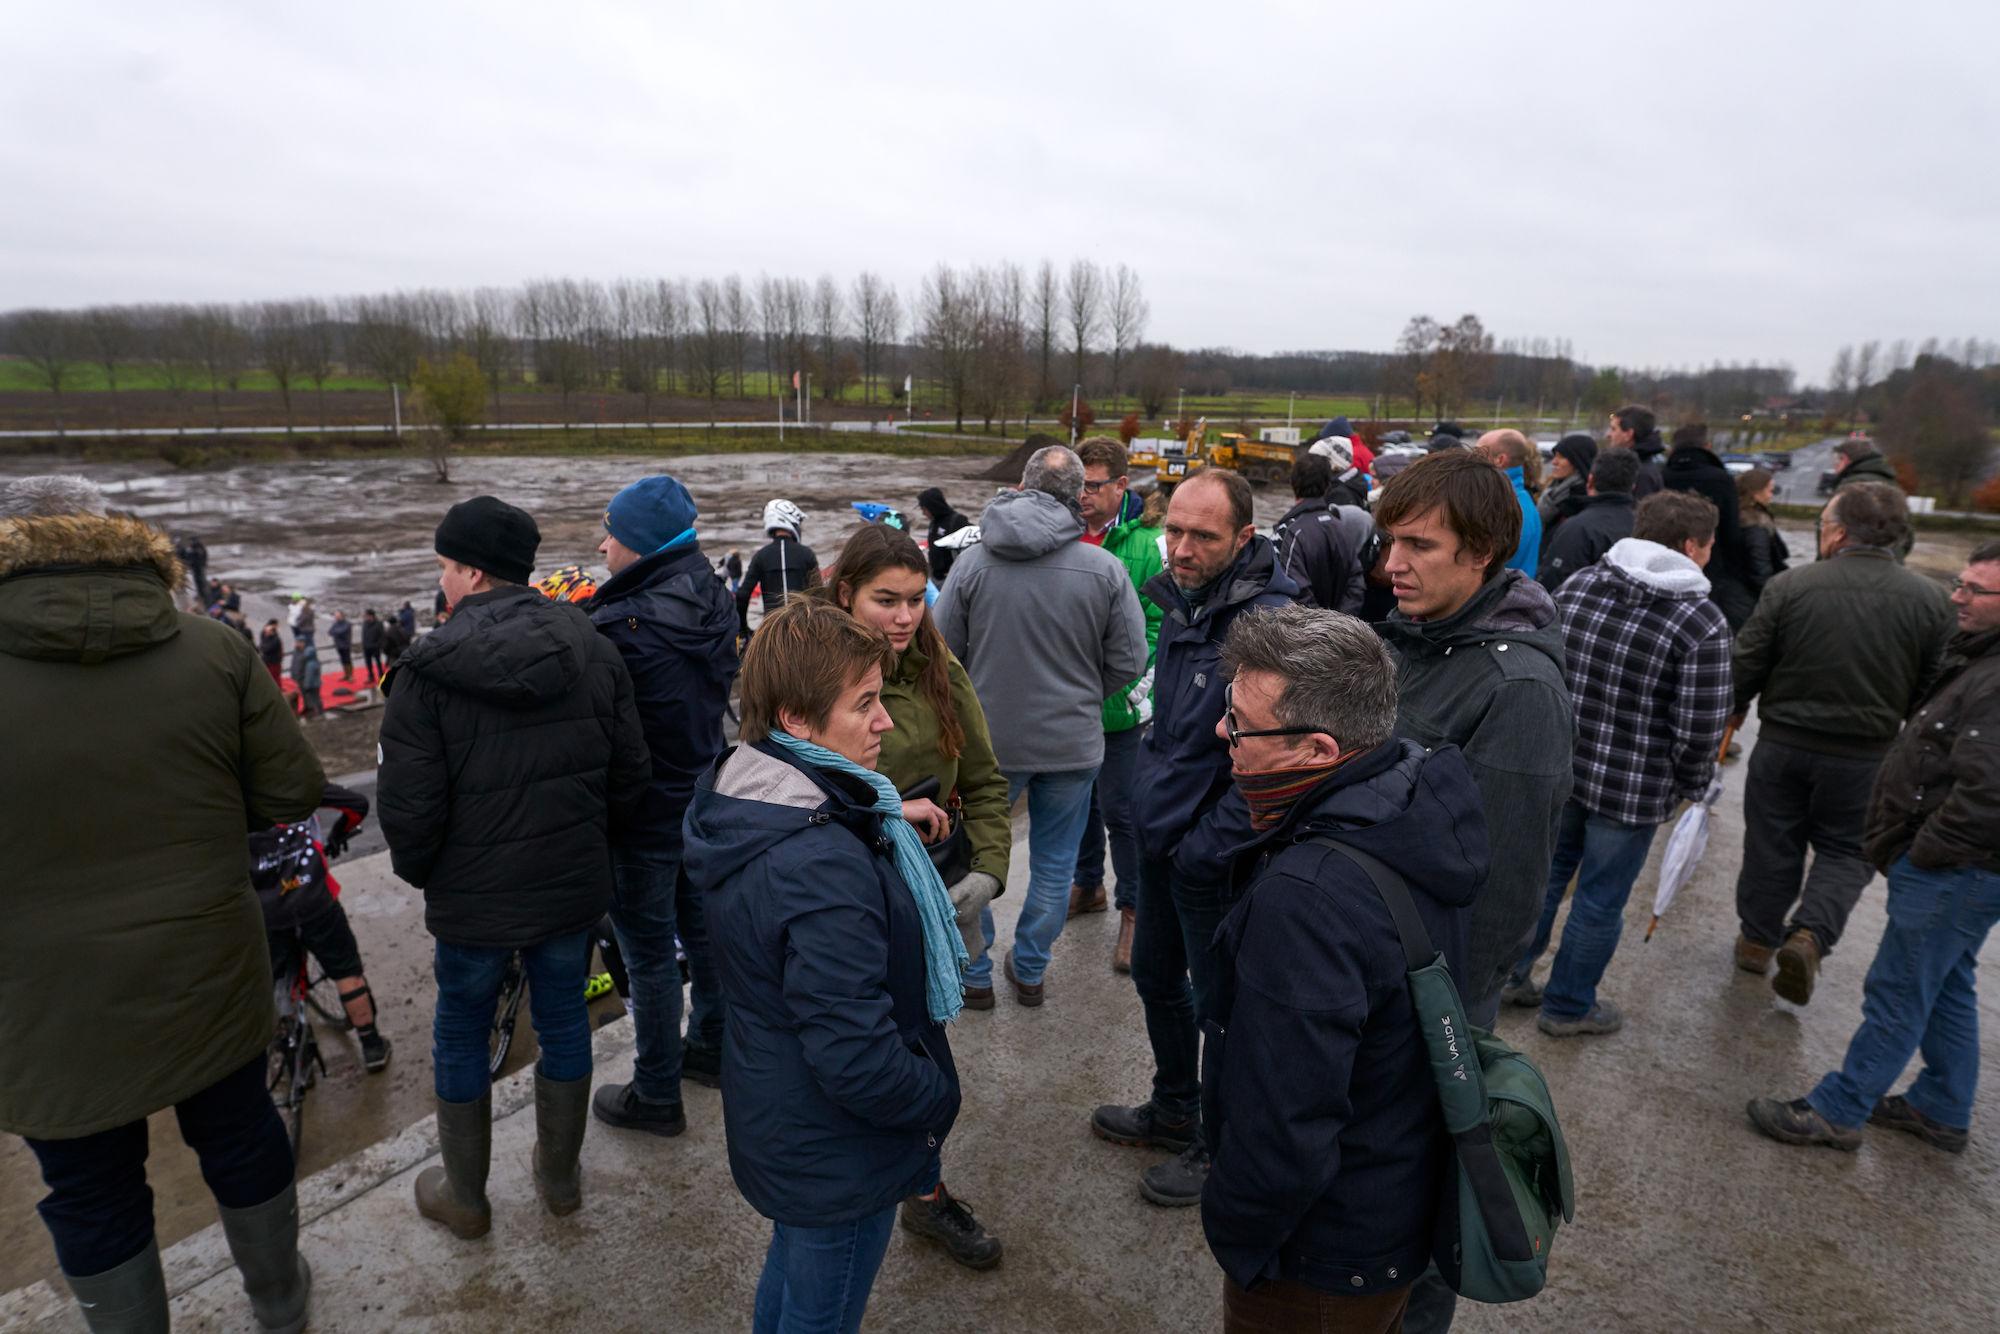 20181128_Puyenbroeck_officiele opening BMX parcour (56).jpg